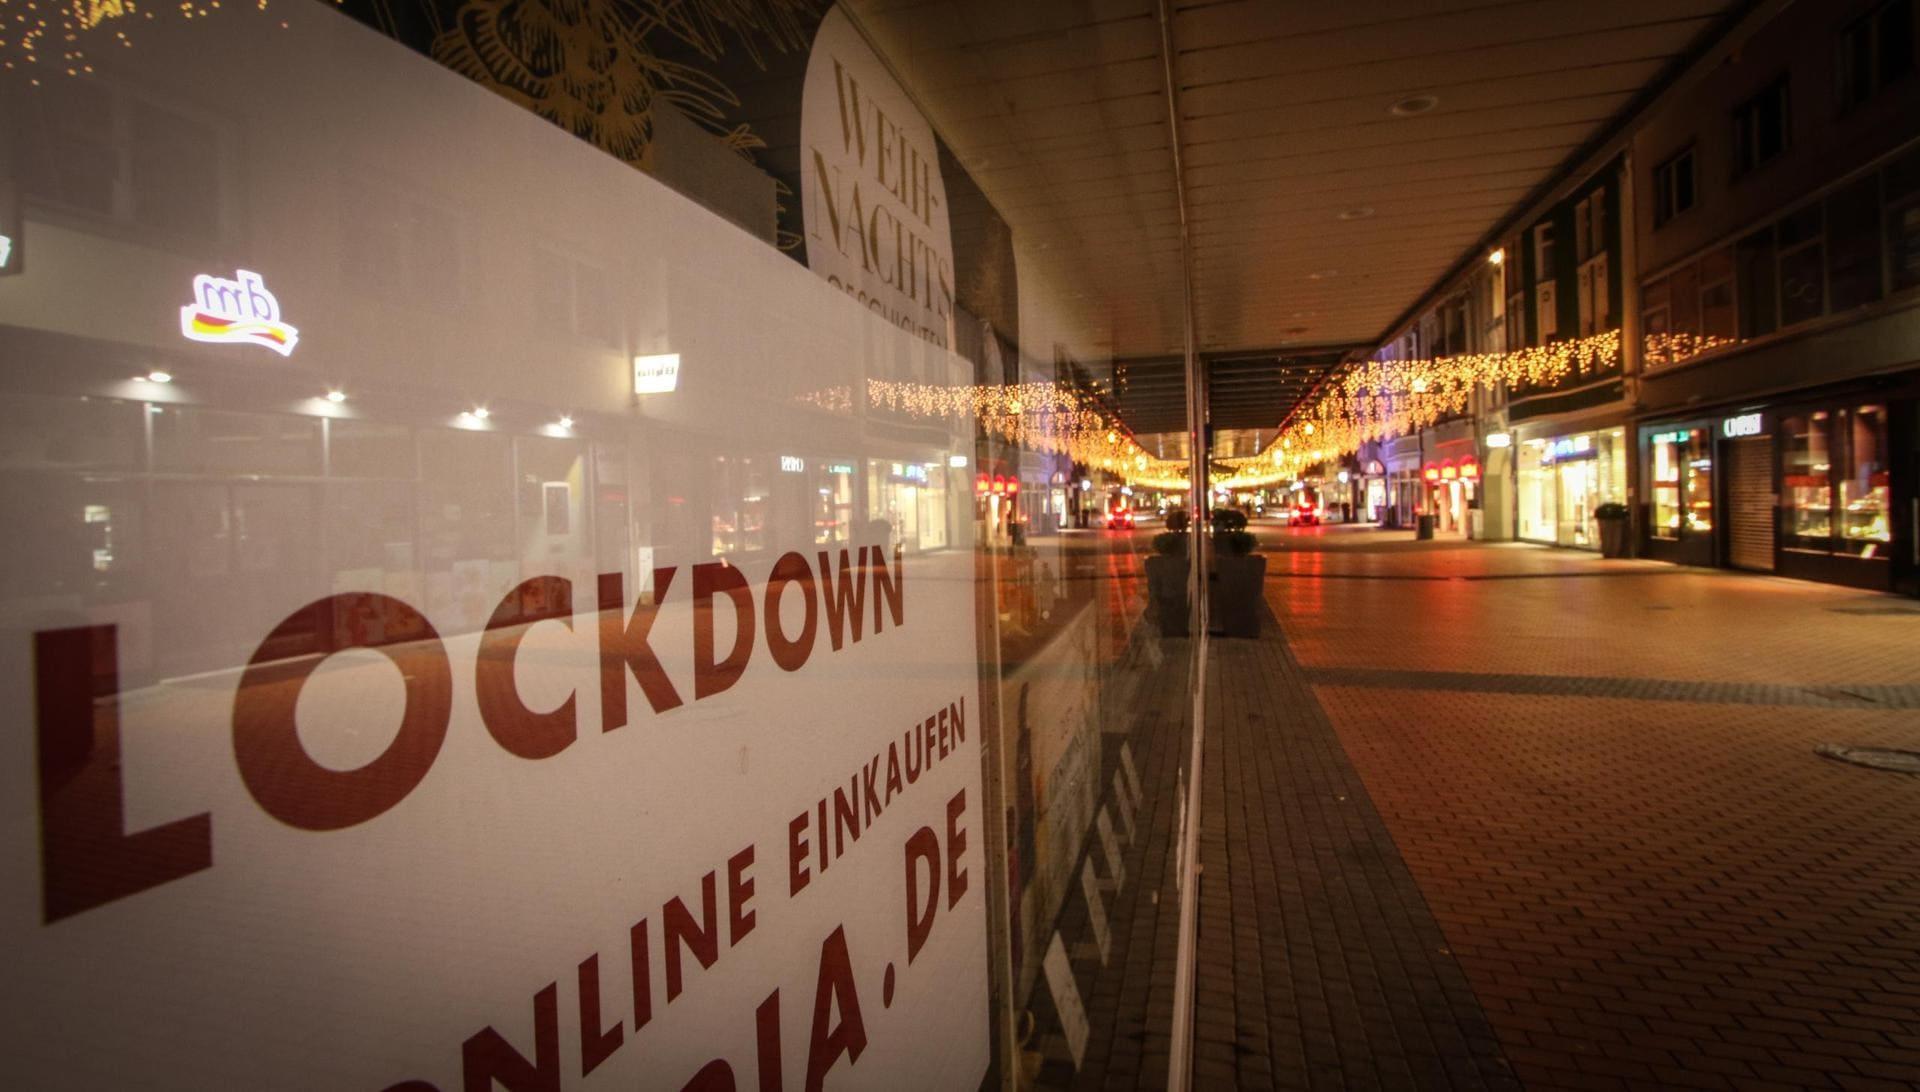 Amtsärzte zweifeln an Lockdown-Ende zum 31. Januar Weiter Vorsicht geboten